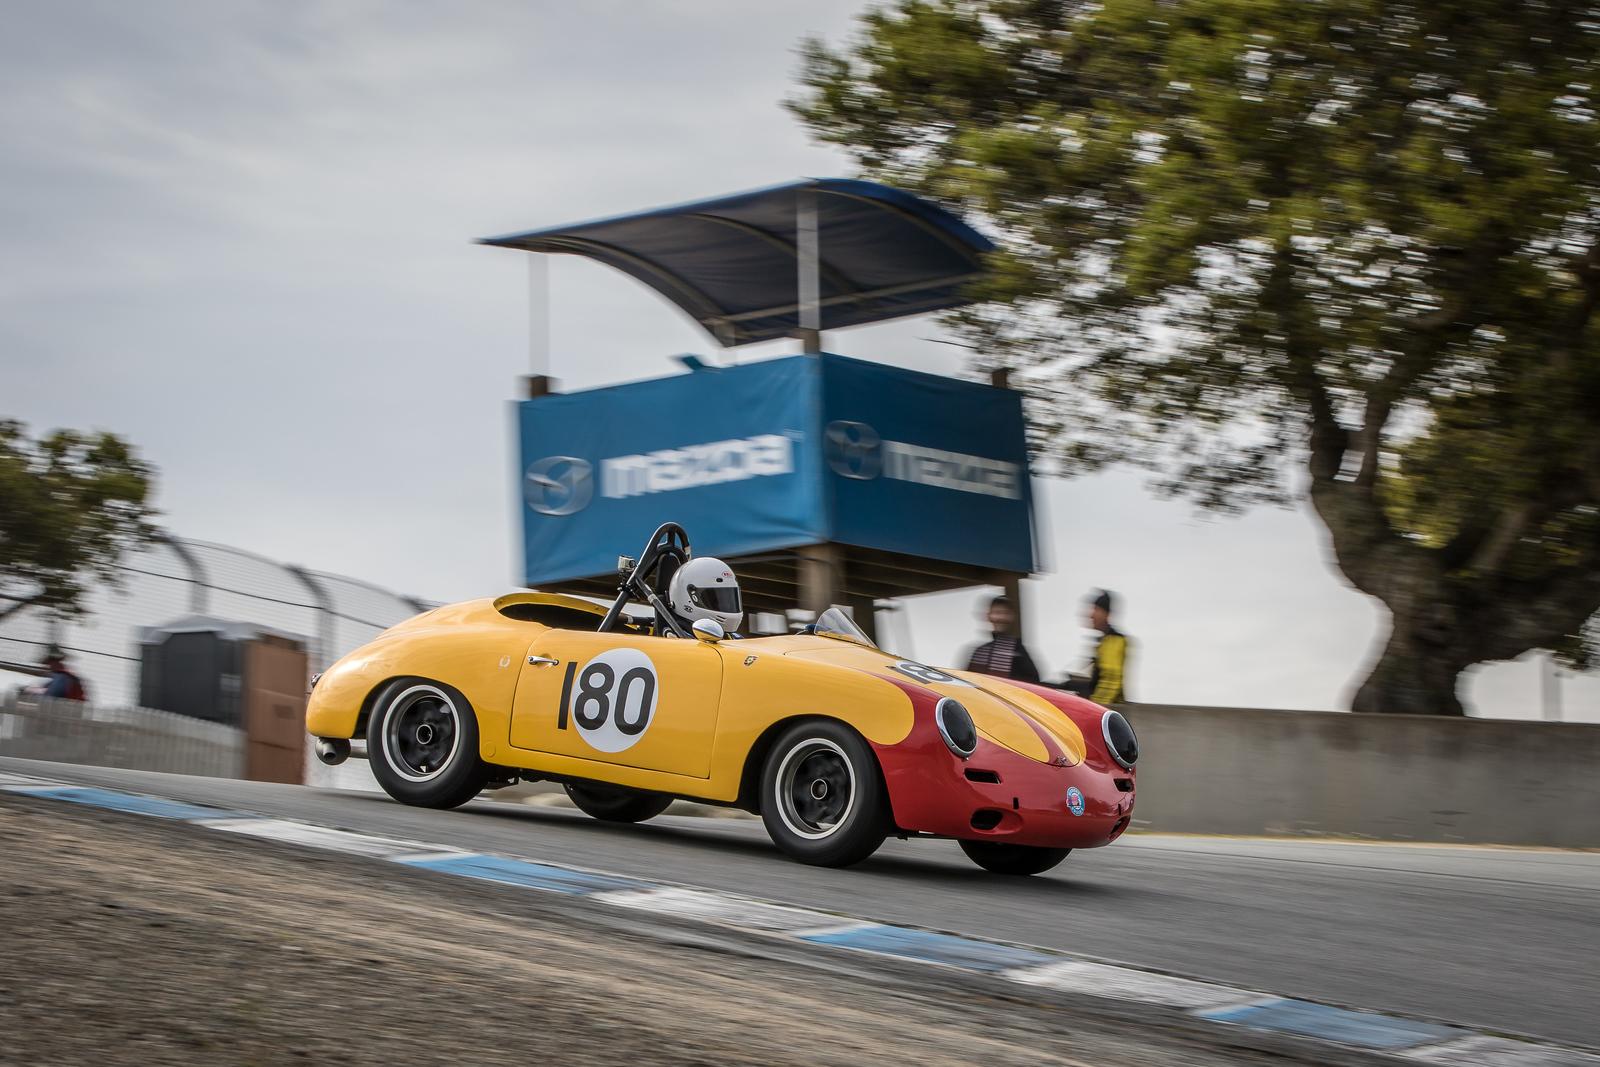 #180 Bob Clucas, 1960 Porsche 356